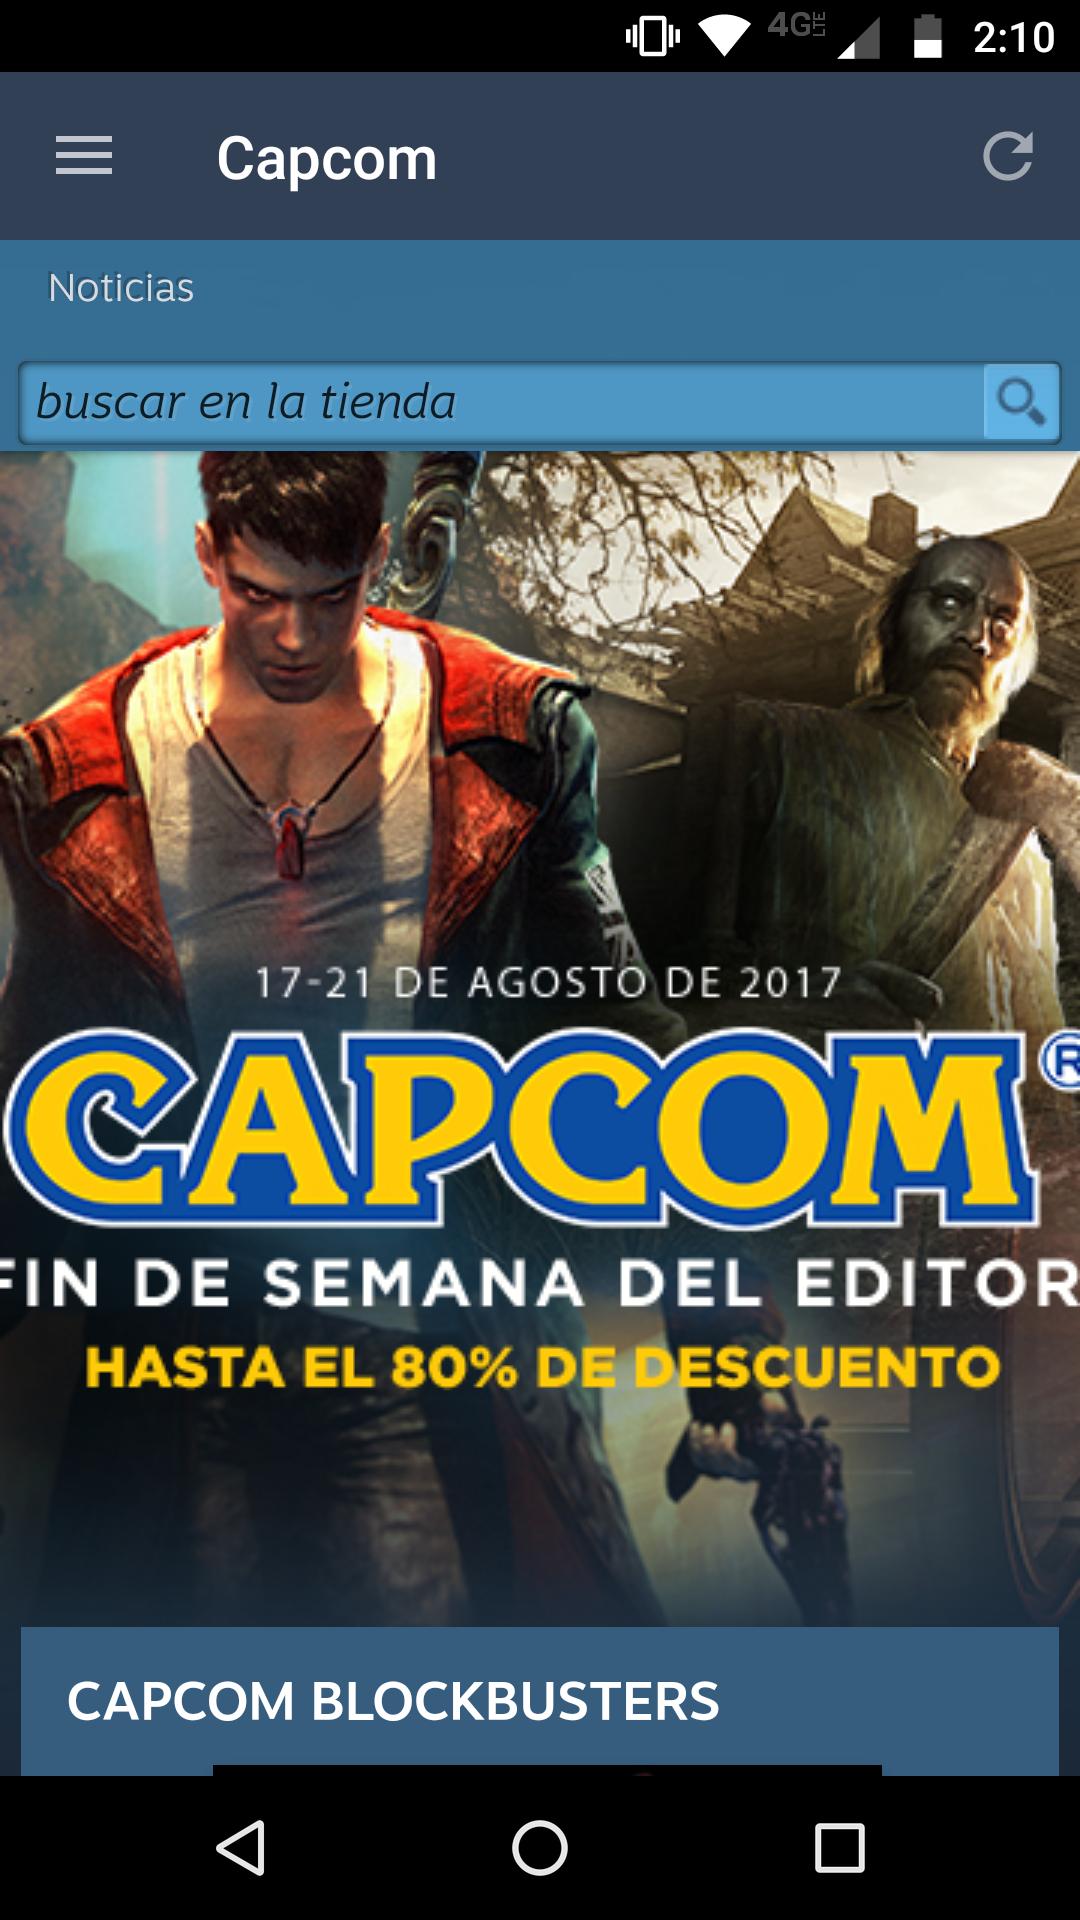 Steam: Descuento de hasta el 80% en juegos de Capcom